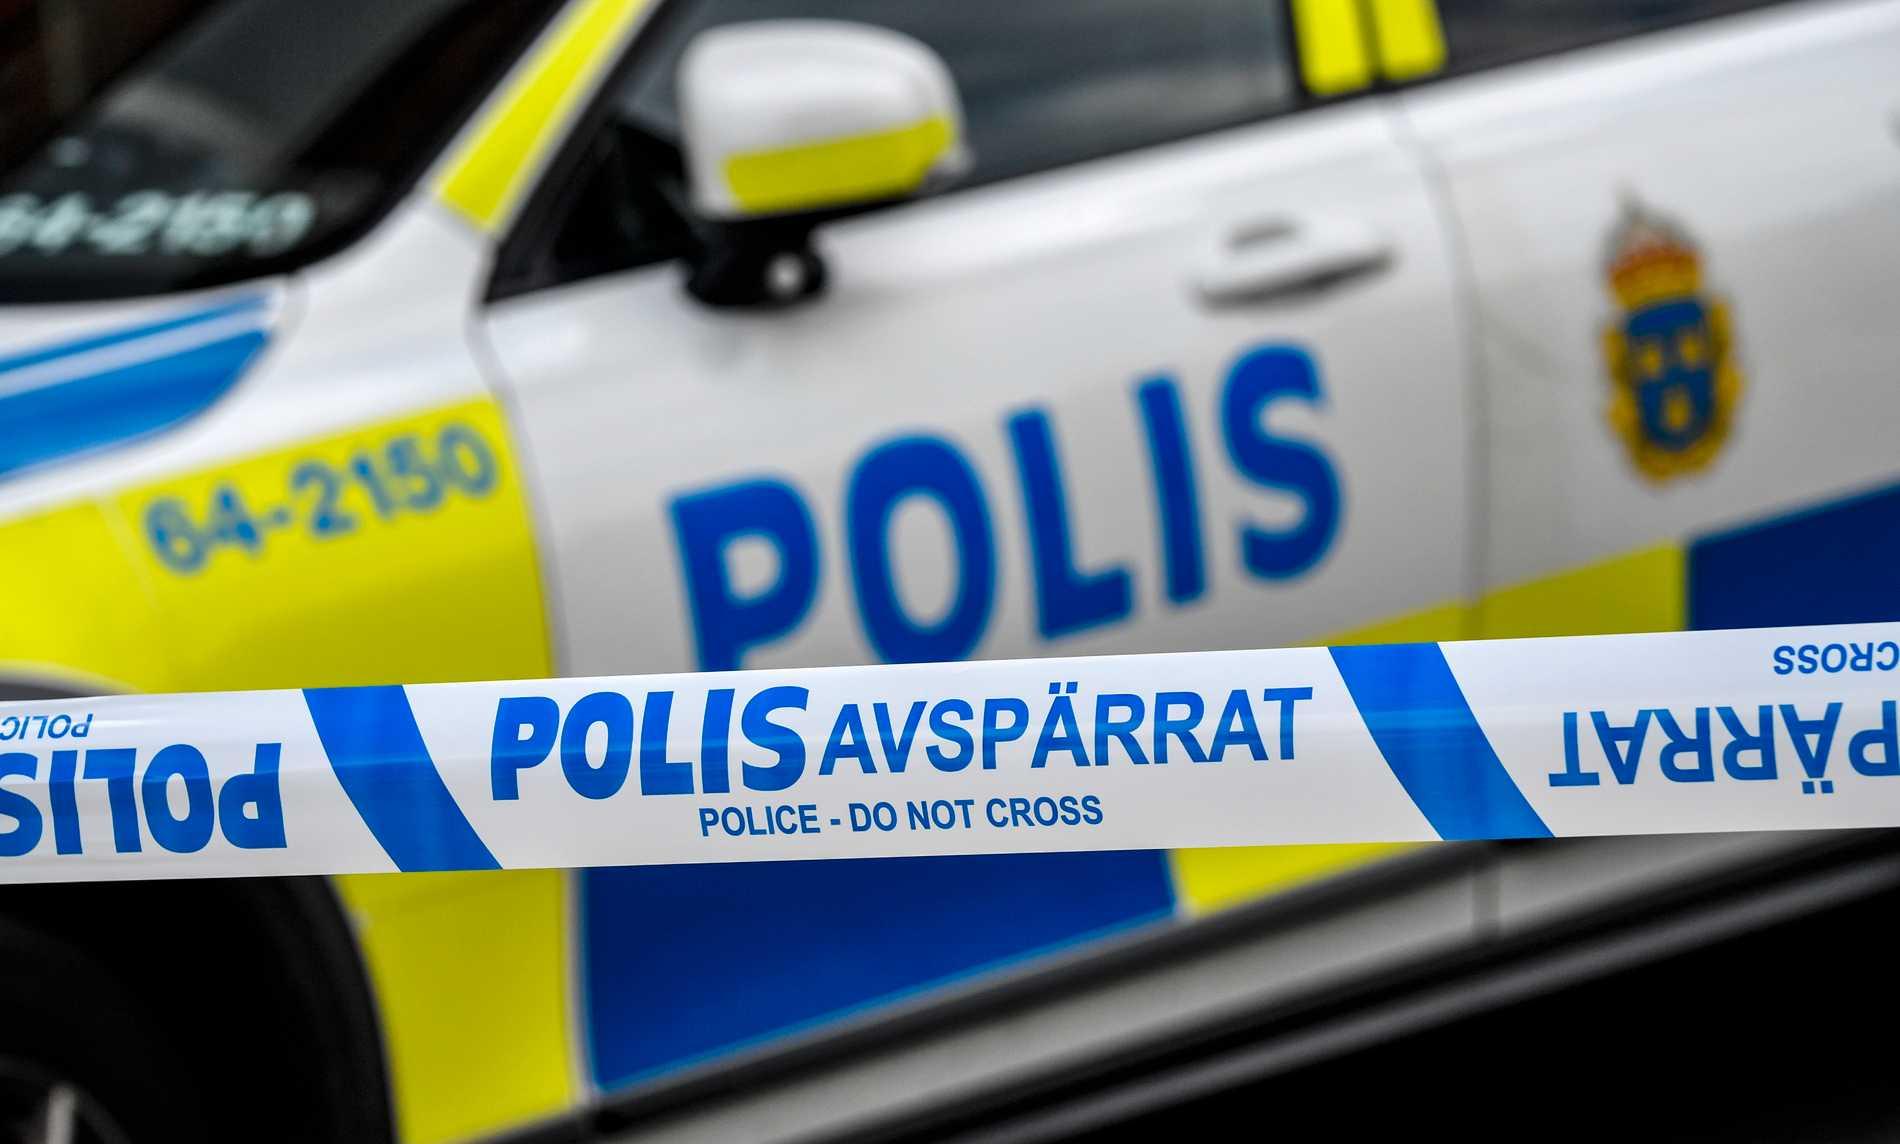 En kvinna som hittats skadad i närheten av Skansen fördes till sjukhus av polisen. Arkivbild.